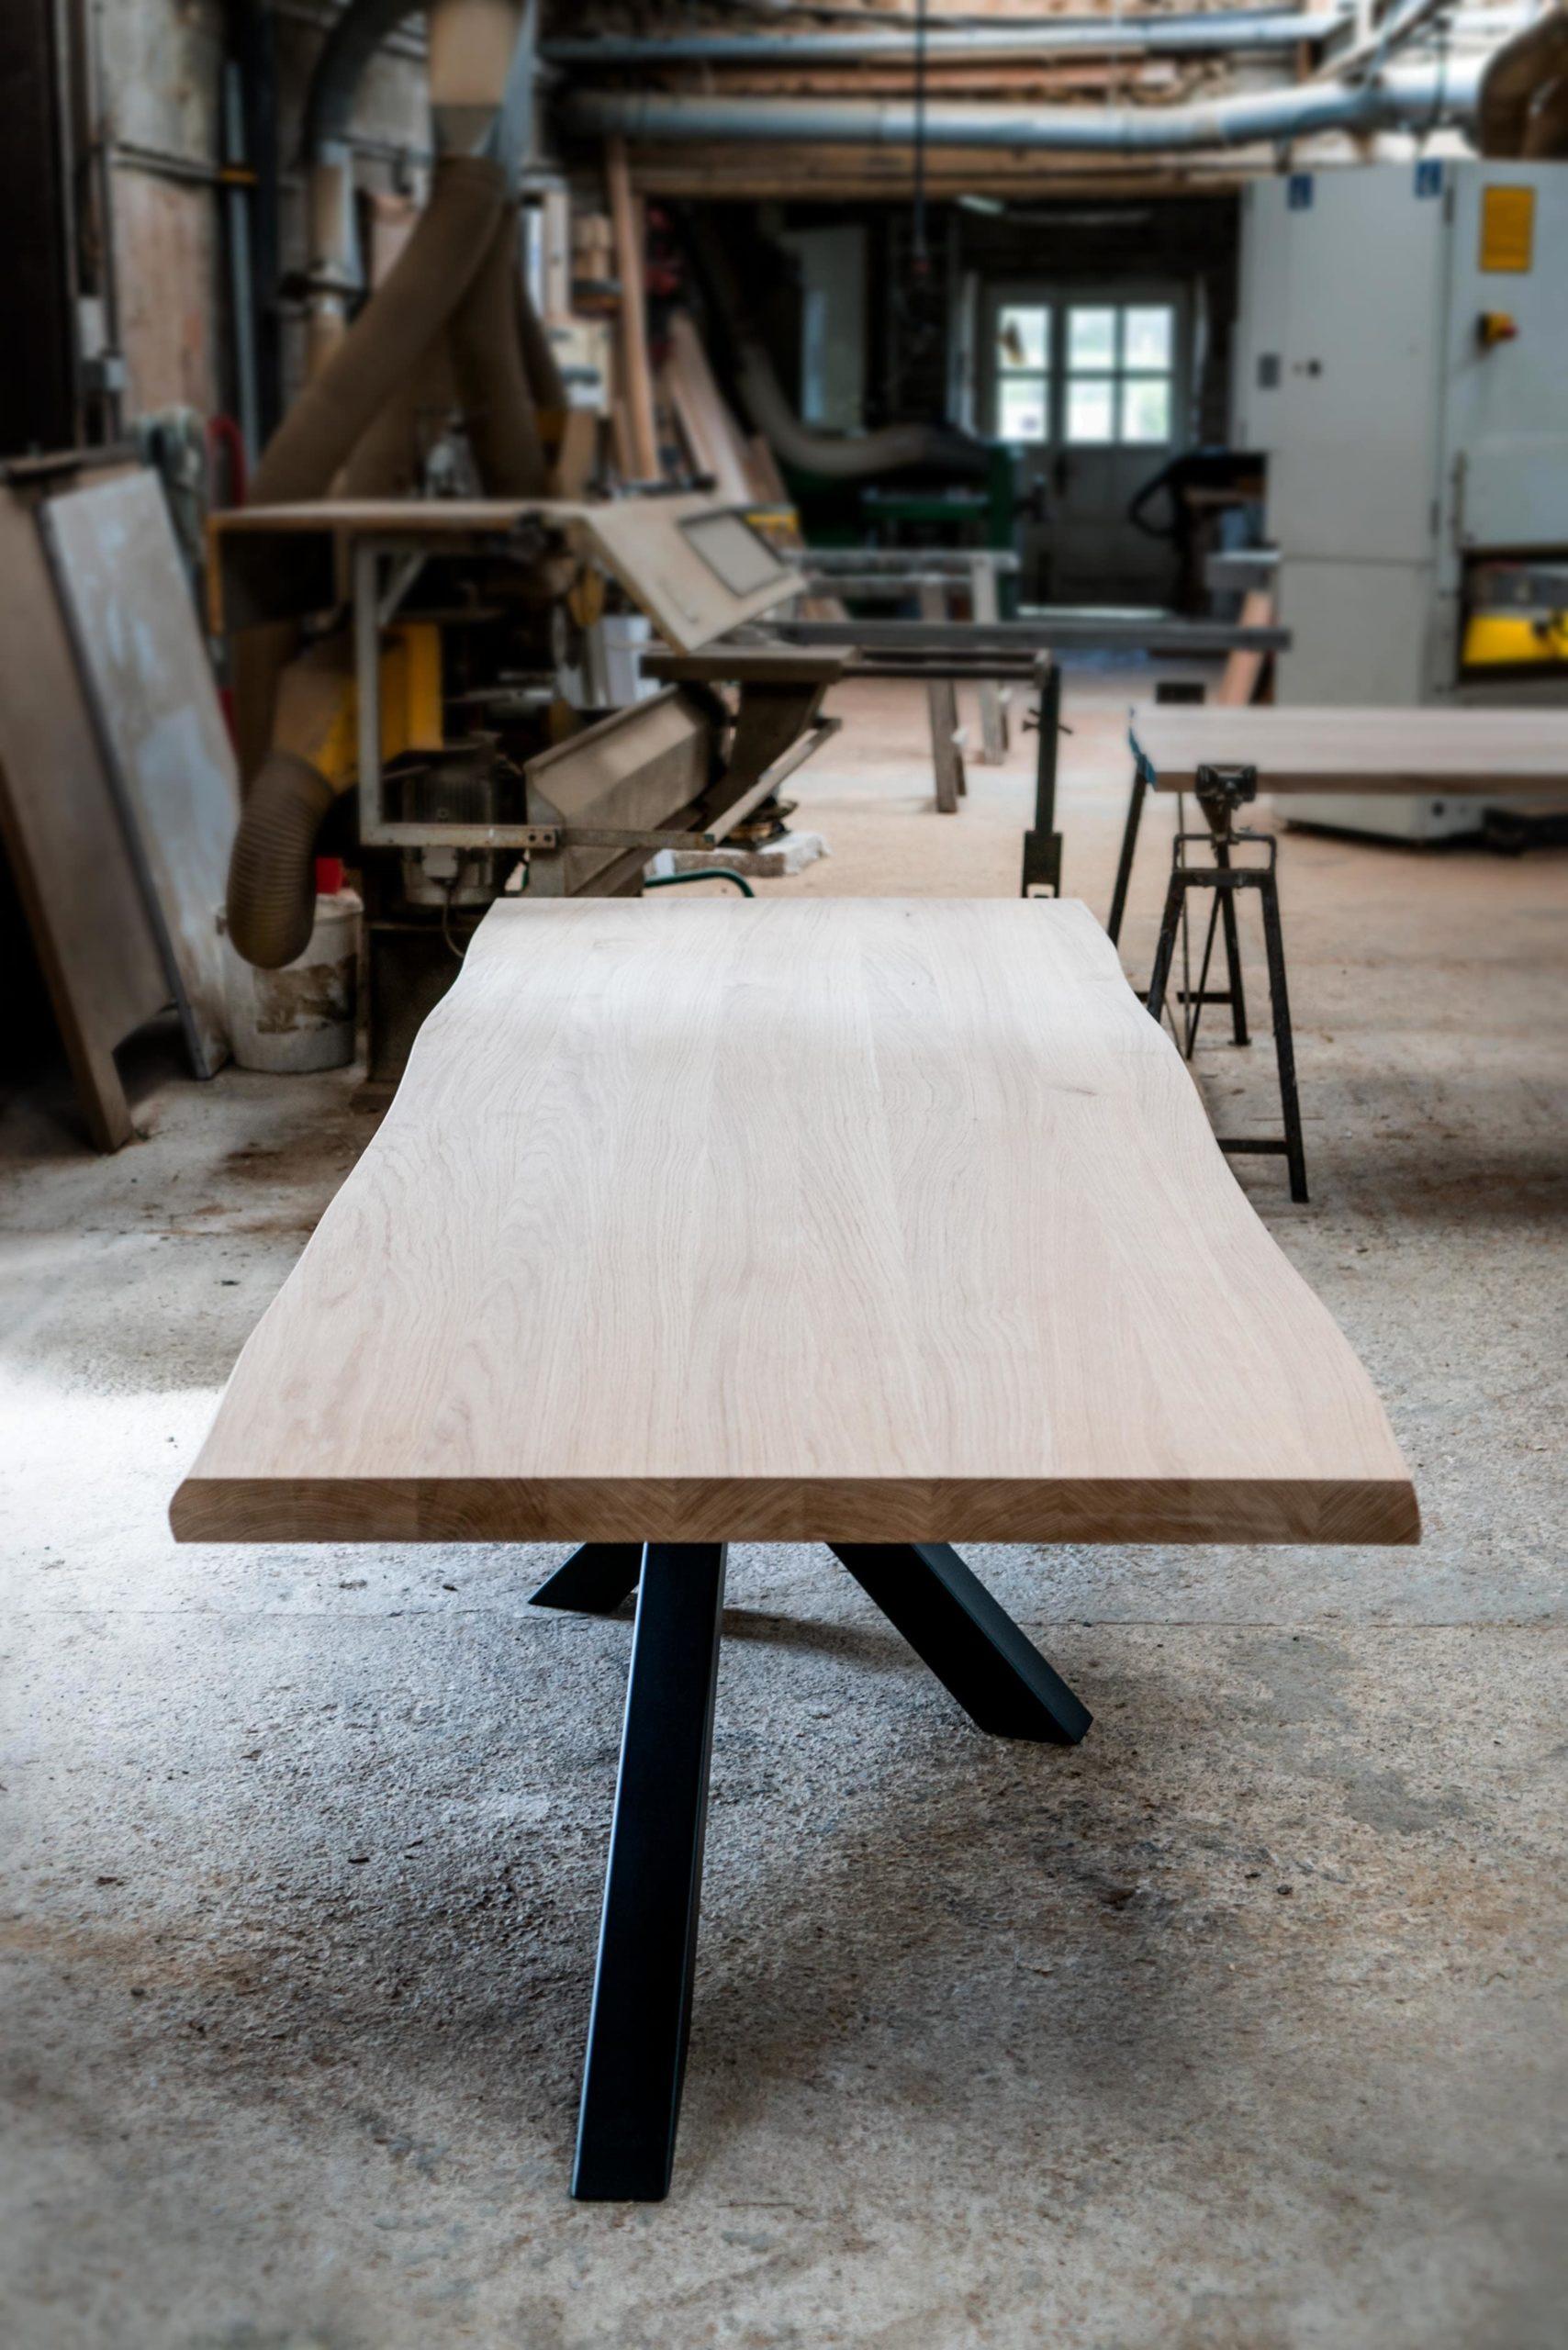 Table mikado en acier et bois massif sur mesure / ARTMETATable mikado en acier et bois massif sur mesure / ARTMETA